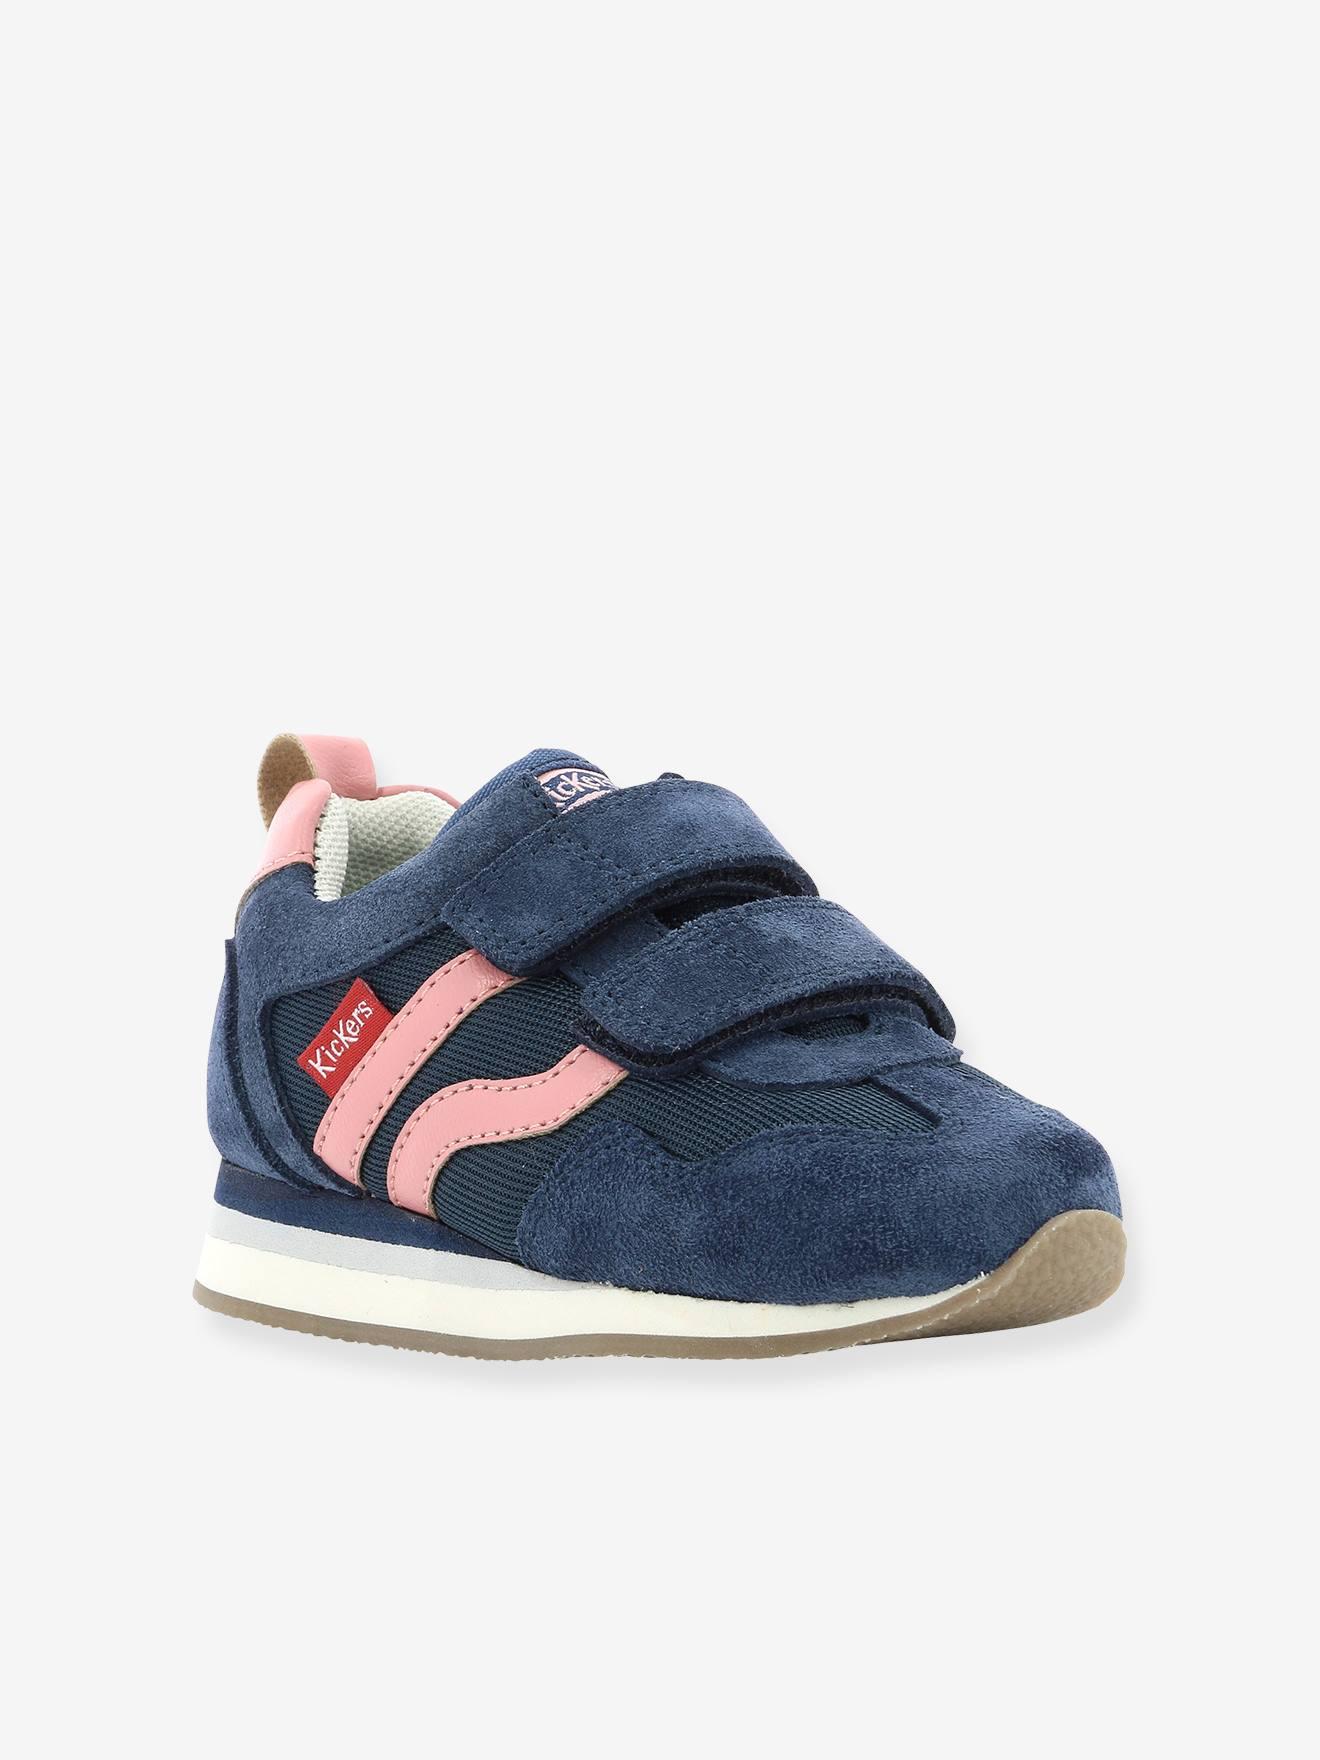 Baskets Sneakers bébé fille Carillon KICKERS®